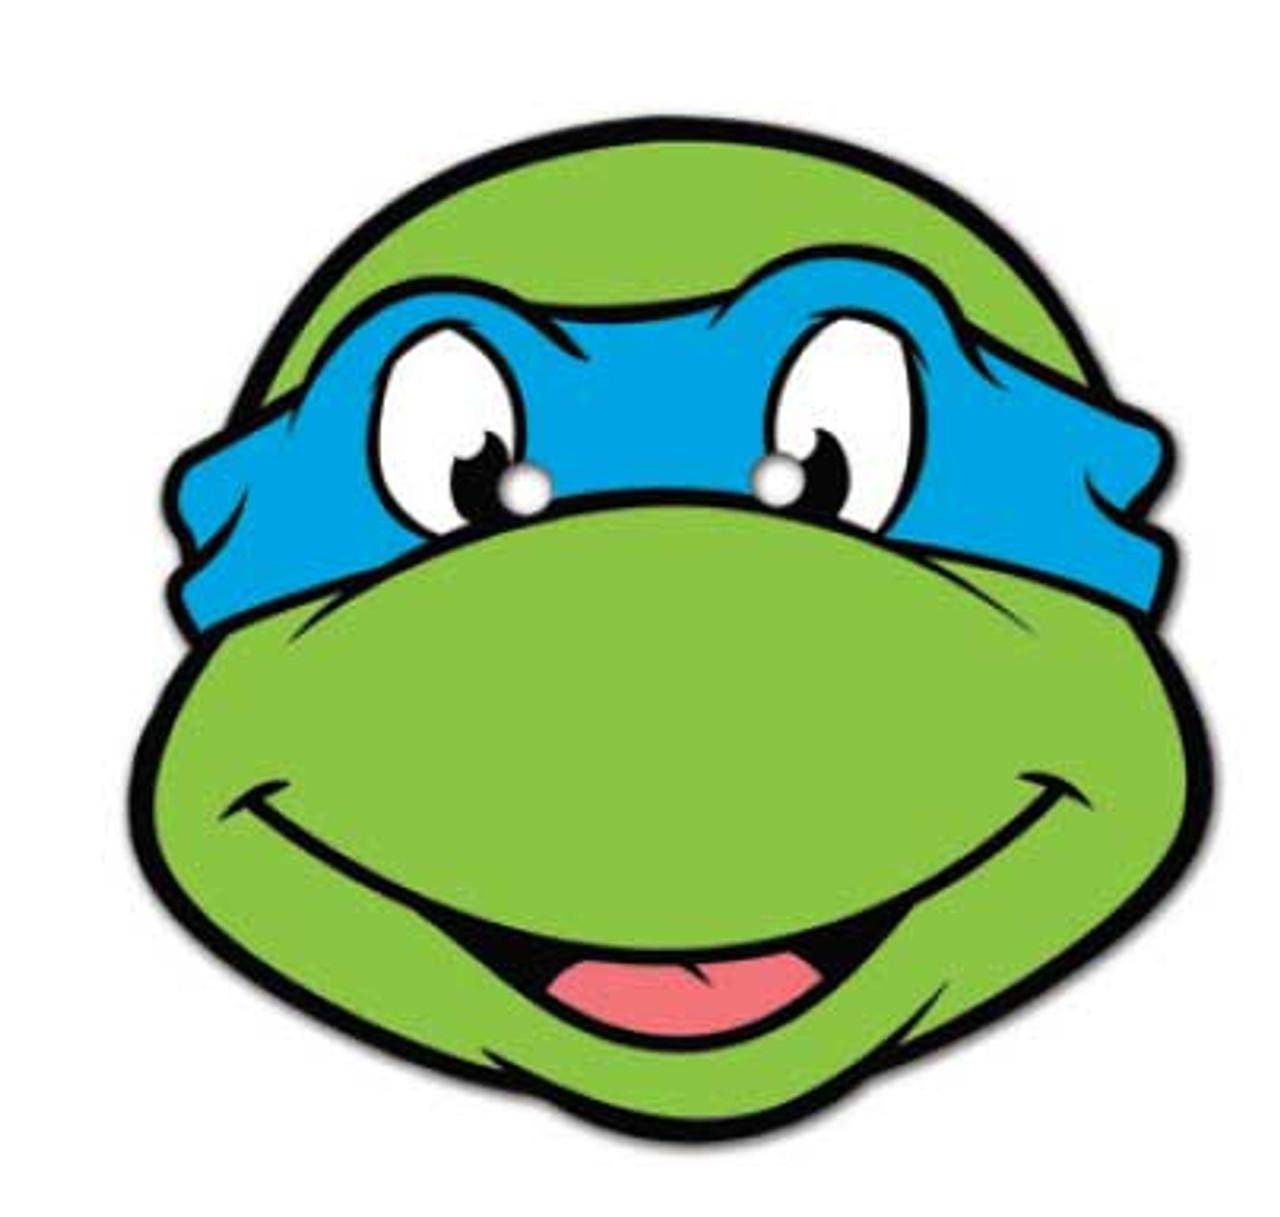 Leonardo Teenage Mutant Ninja Turtles Face Mask Ssf0009 Buy Star